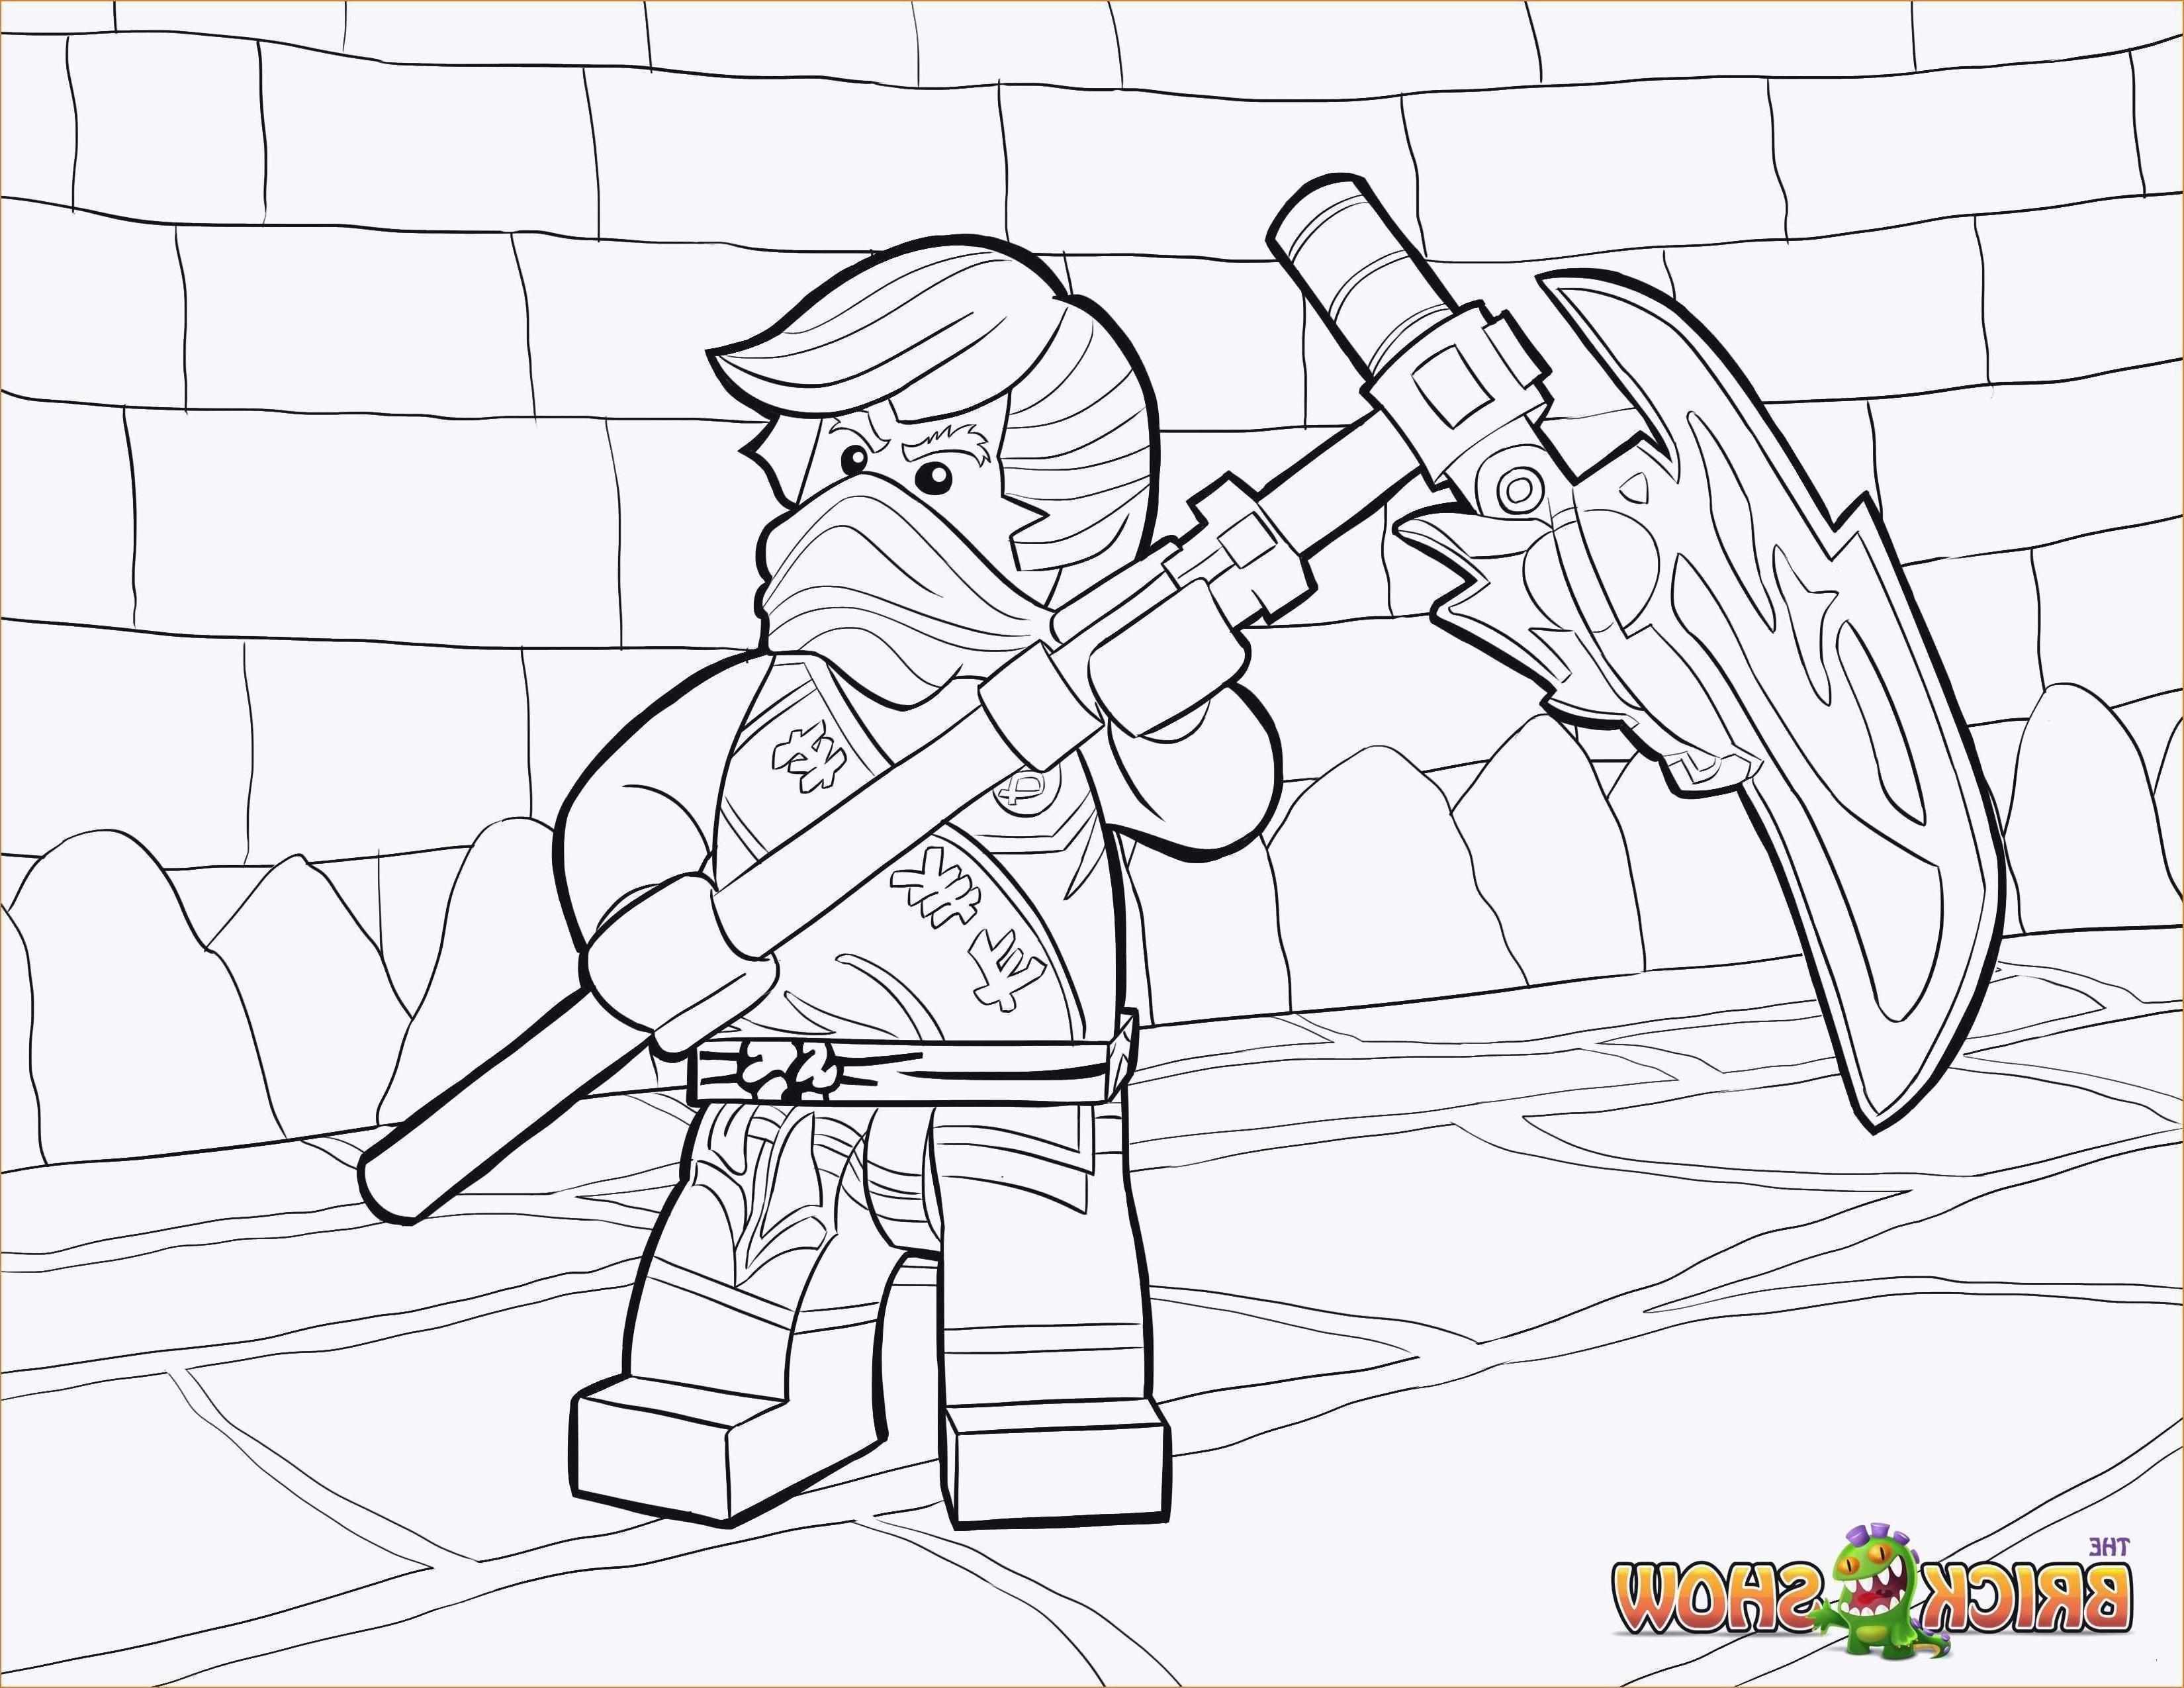 lego ninjago ausmalbilder kostenlos zum ausdrucken  28